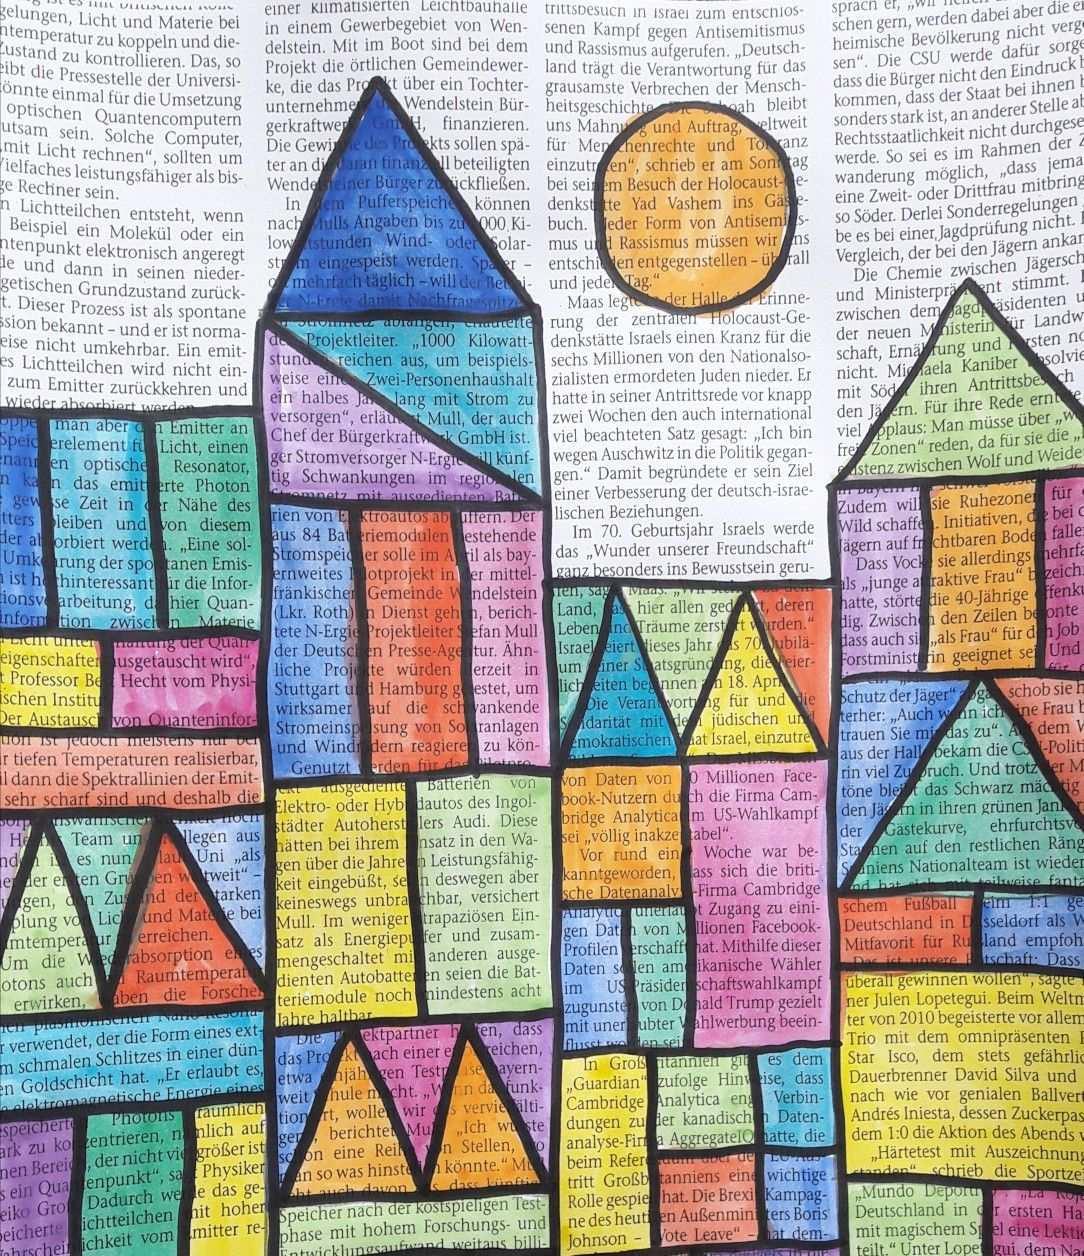 Burg Und Sonne Nach Paul Klee Bildbetrachtung In Der Grundschule Kunststunden Kunst Grundschule Paul Klee Bilder